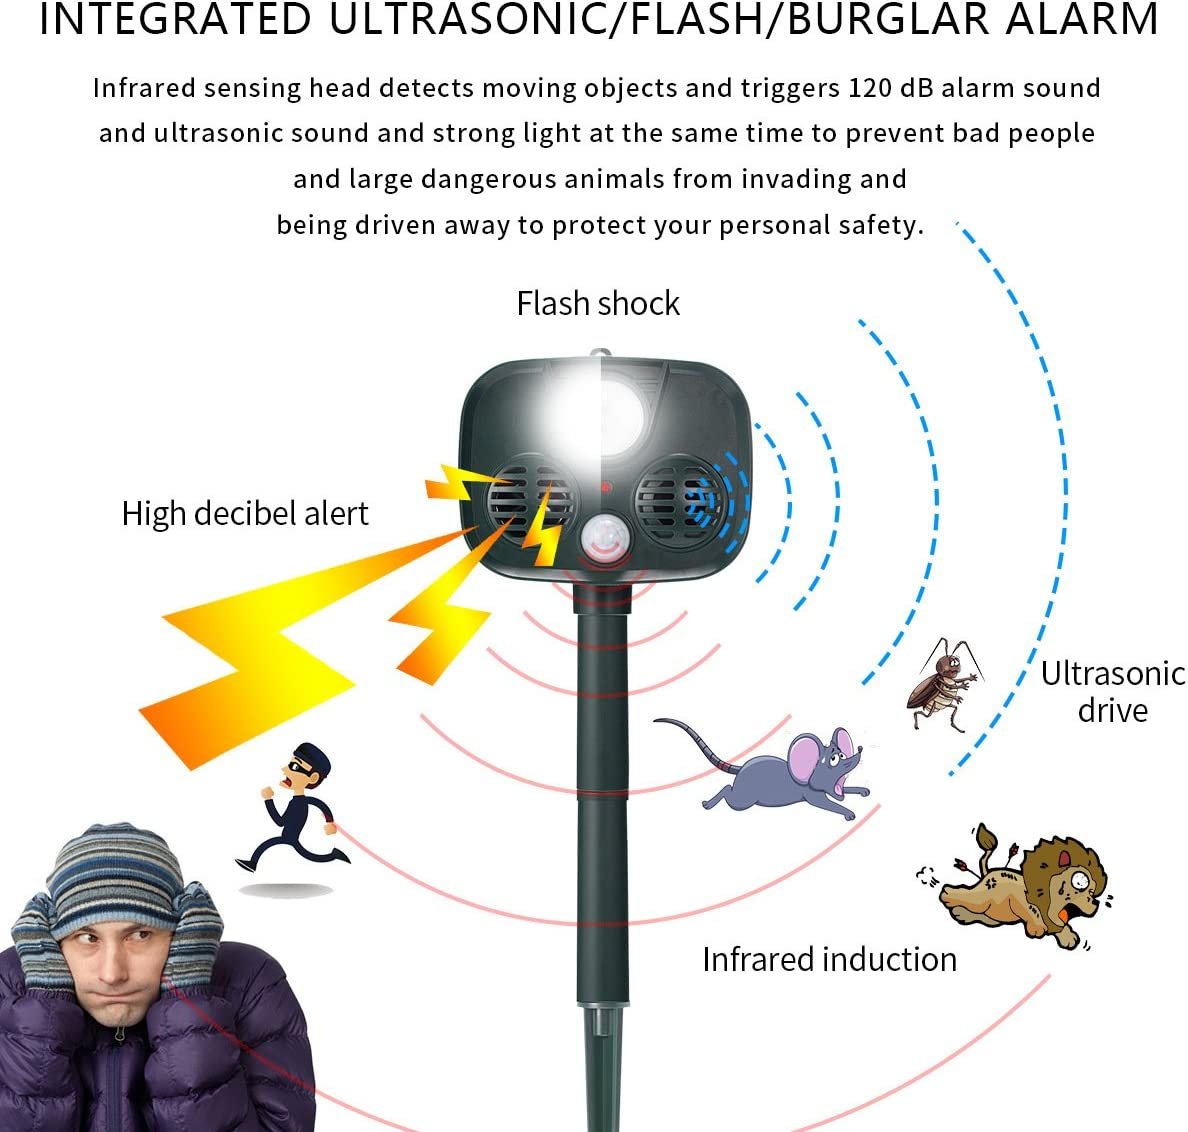 IOIOA Ultrasons Antiparasite Solaire Ext/érieure Cambrioleur Alarme Camping S/écurit/é Invasion Animale Alerte /À Ultrasons Dentra/înement des Animaux